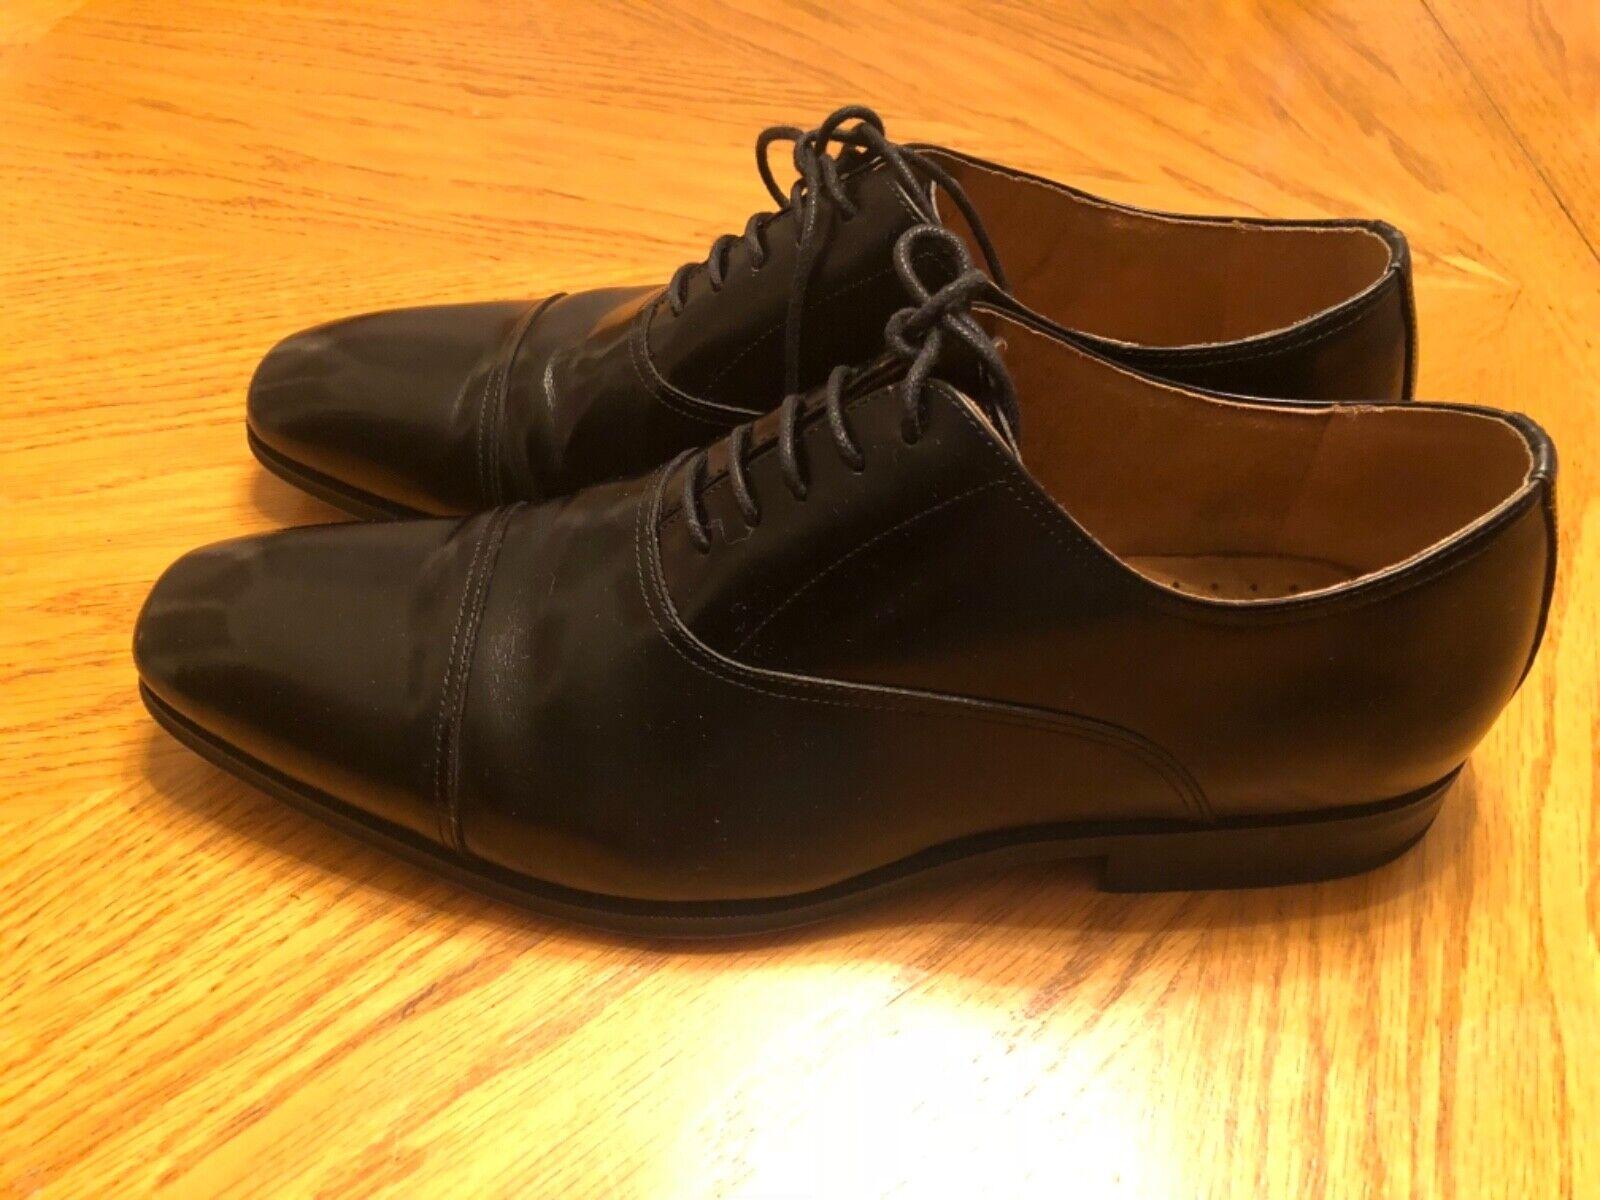 Florsheim Black Leather Oxfords Captoe Size 11.5D